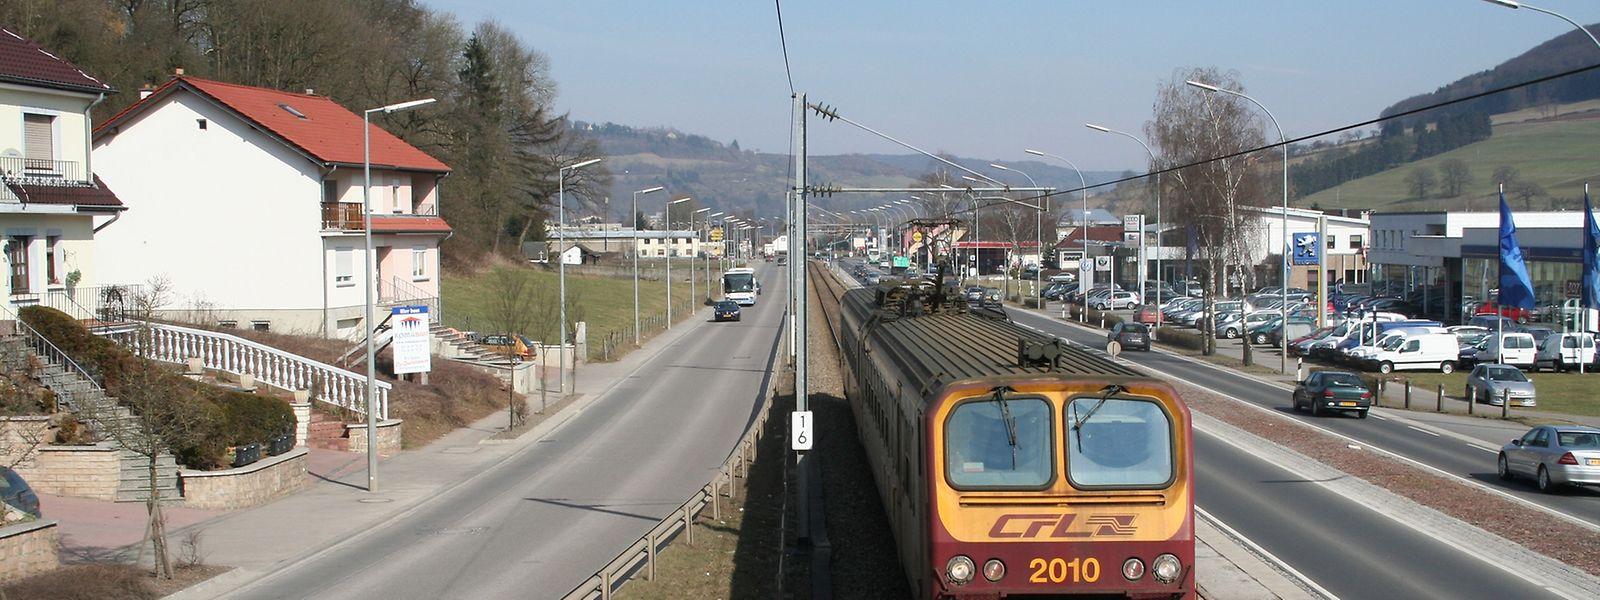 Die Zentralachse zwischen Diekirch und Ettelbrück: Mittlerweile steht fest, der Zug bleibt!